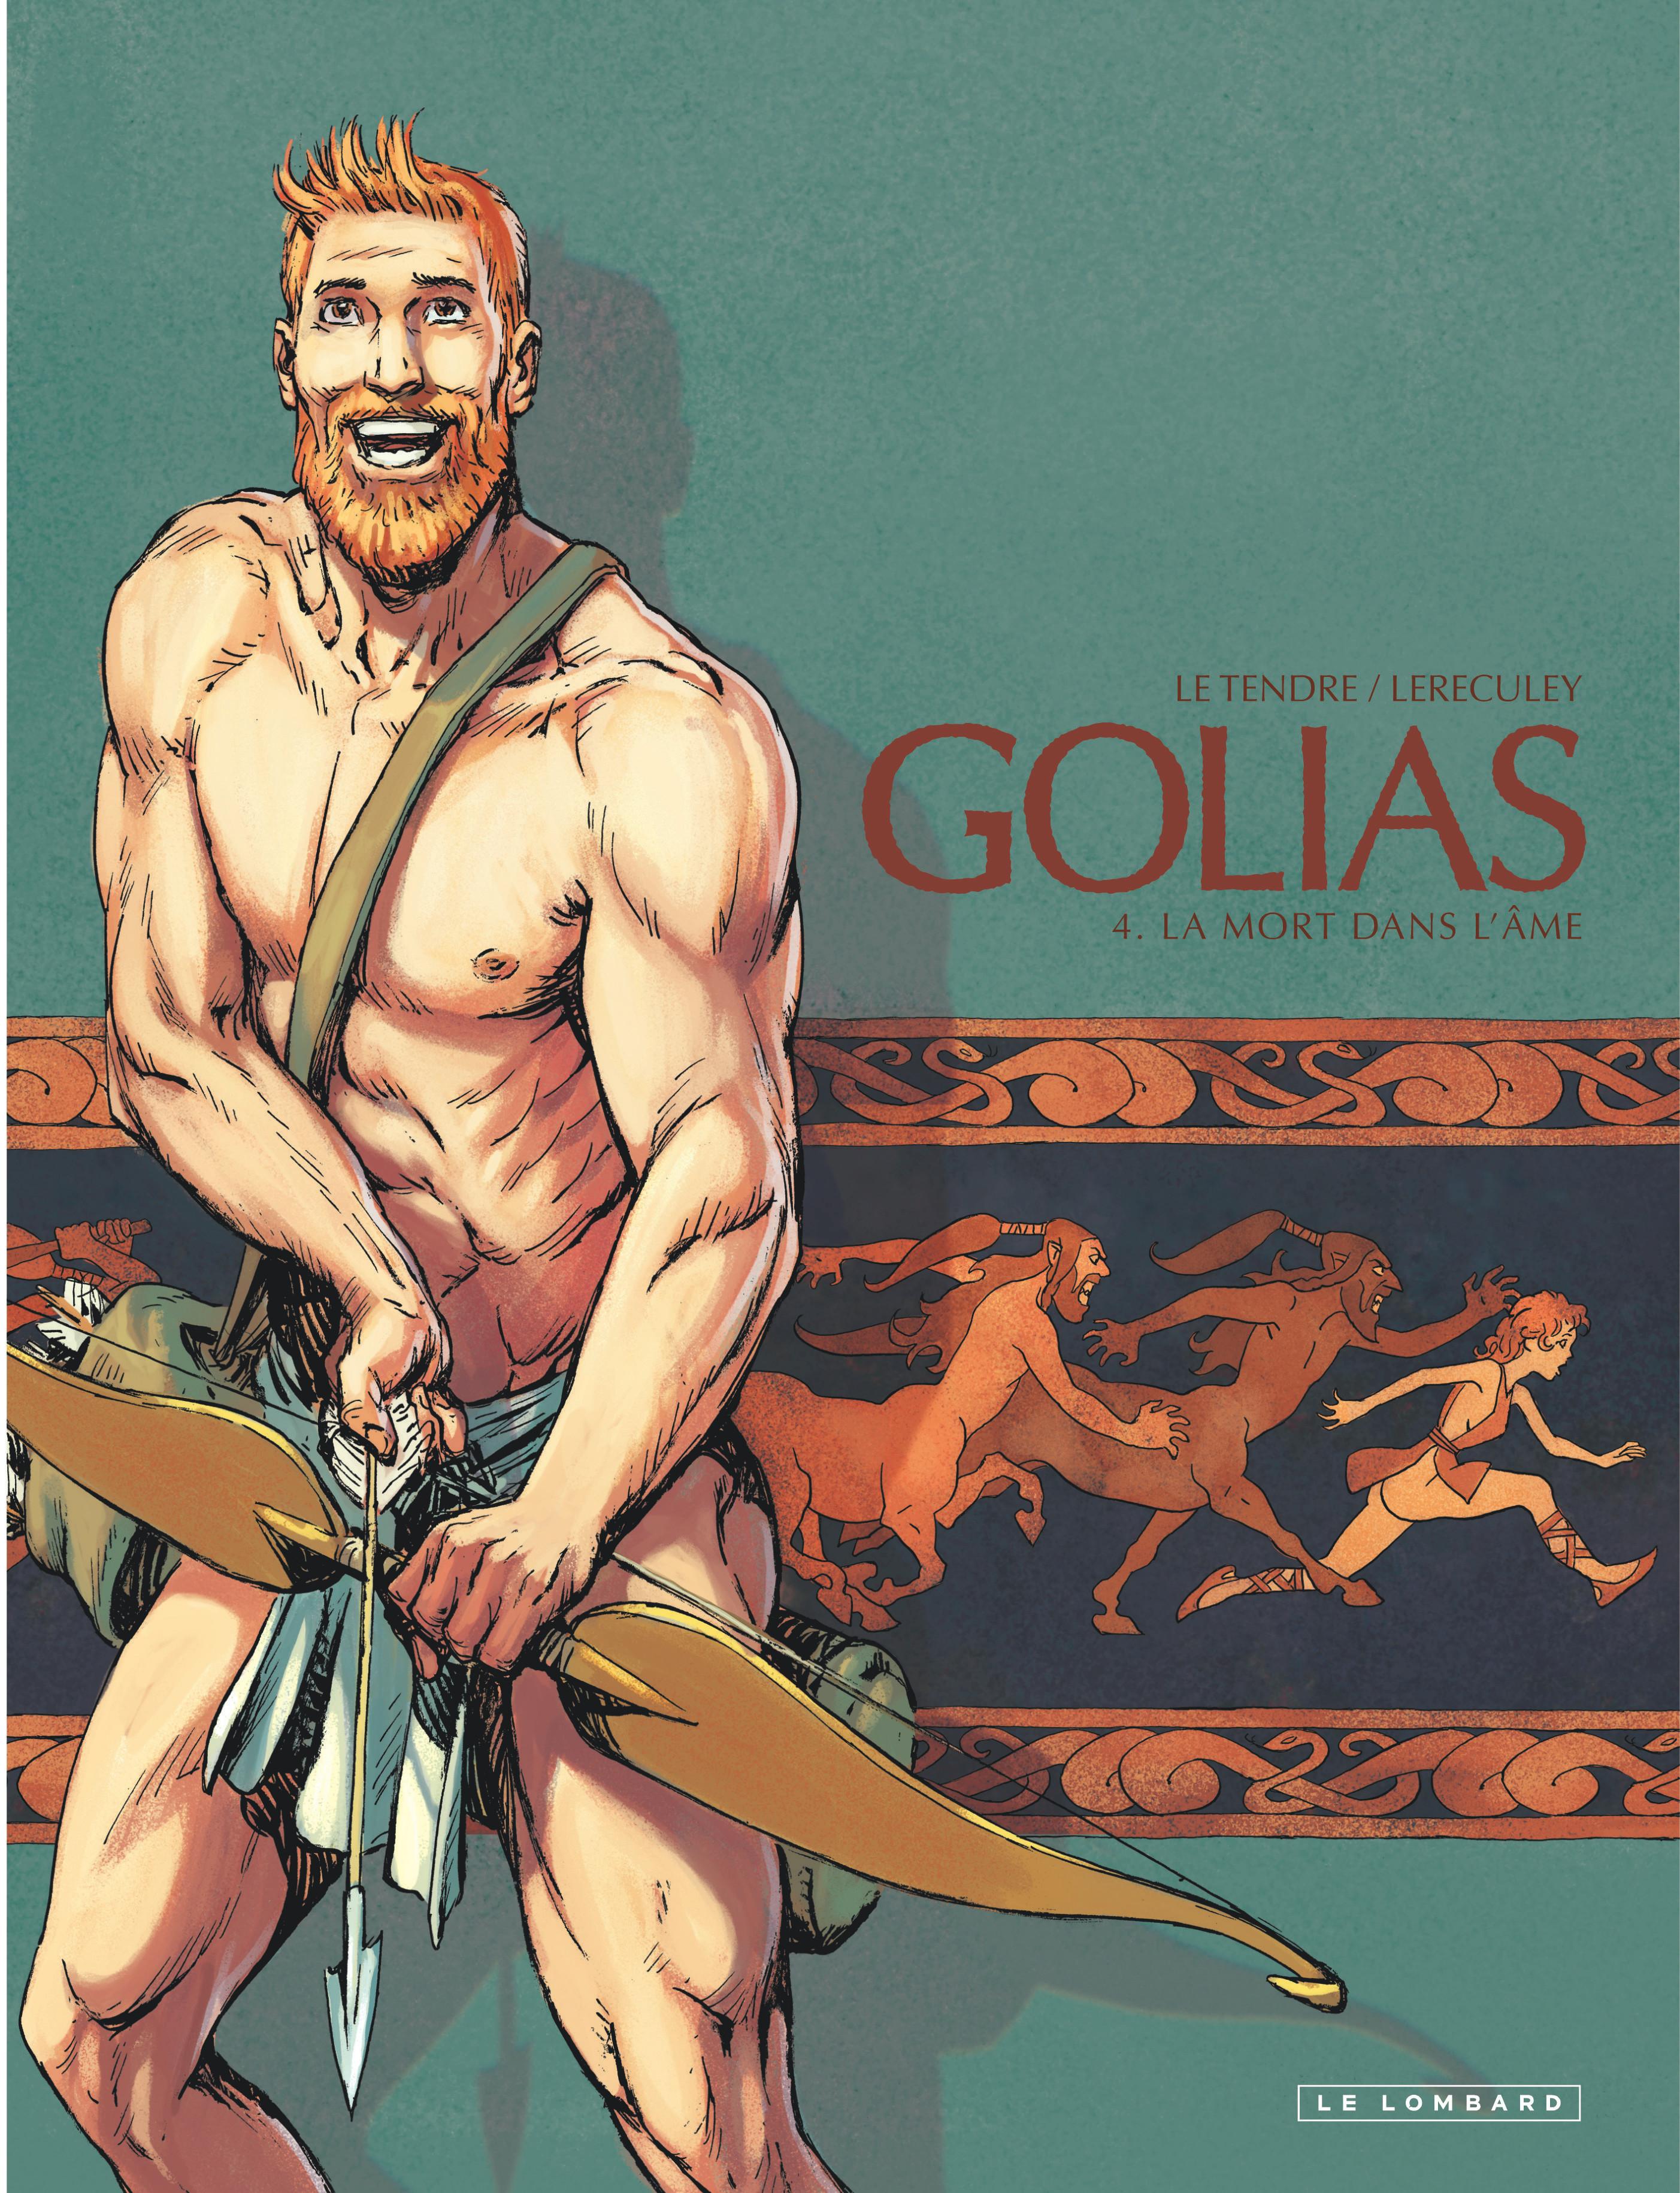 Golias 4 - La mort dans l'âme